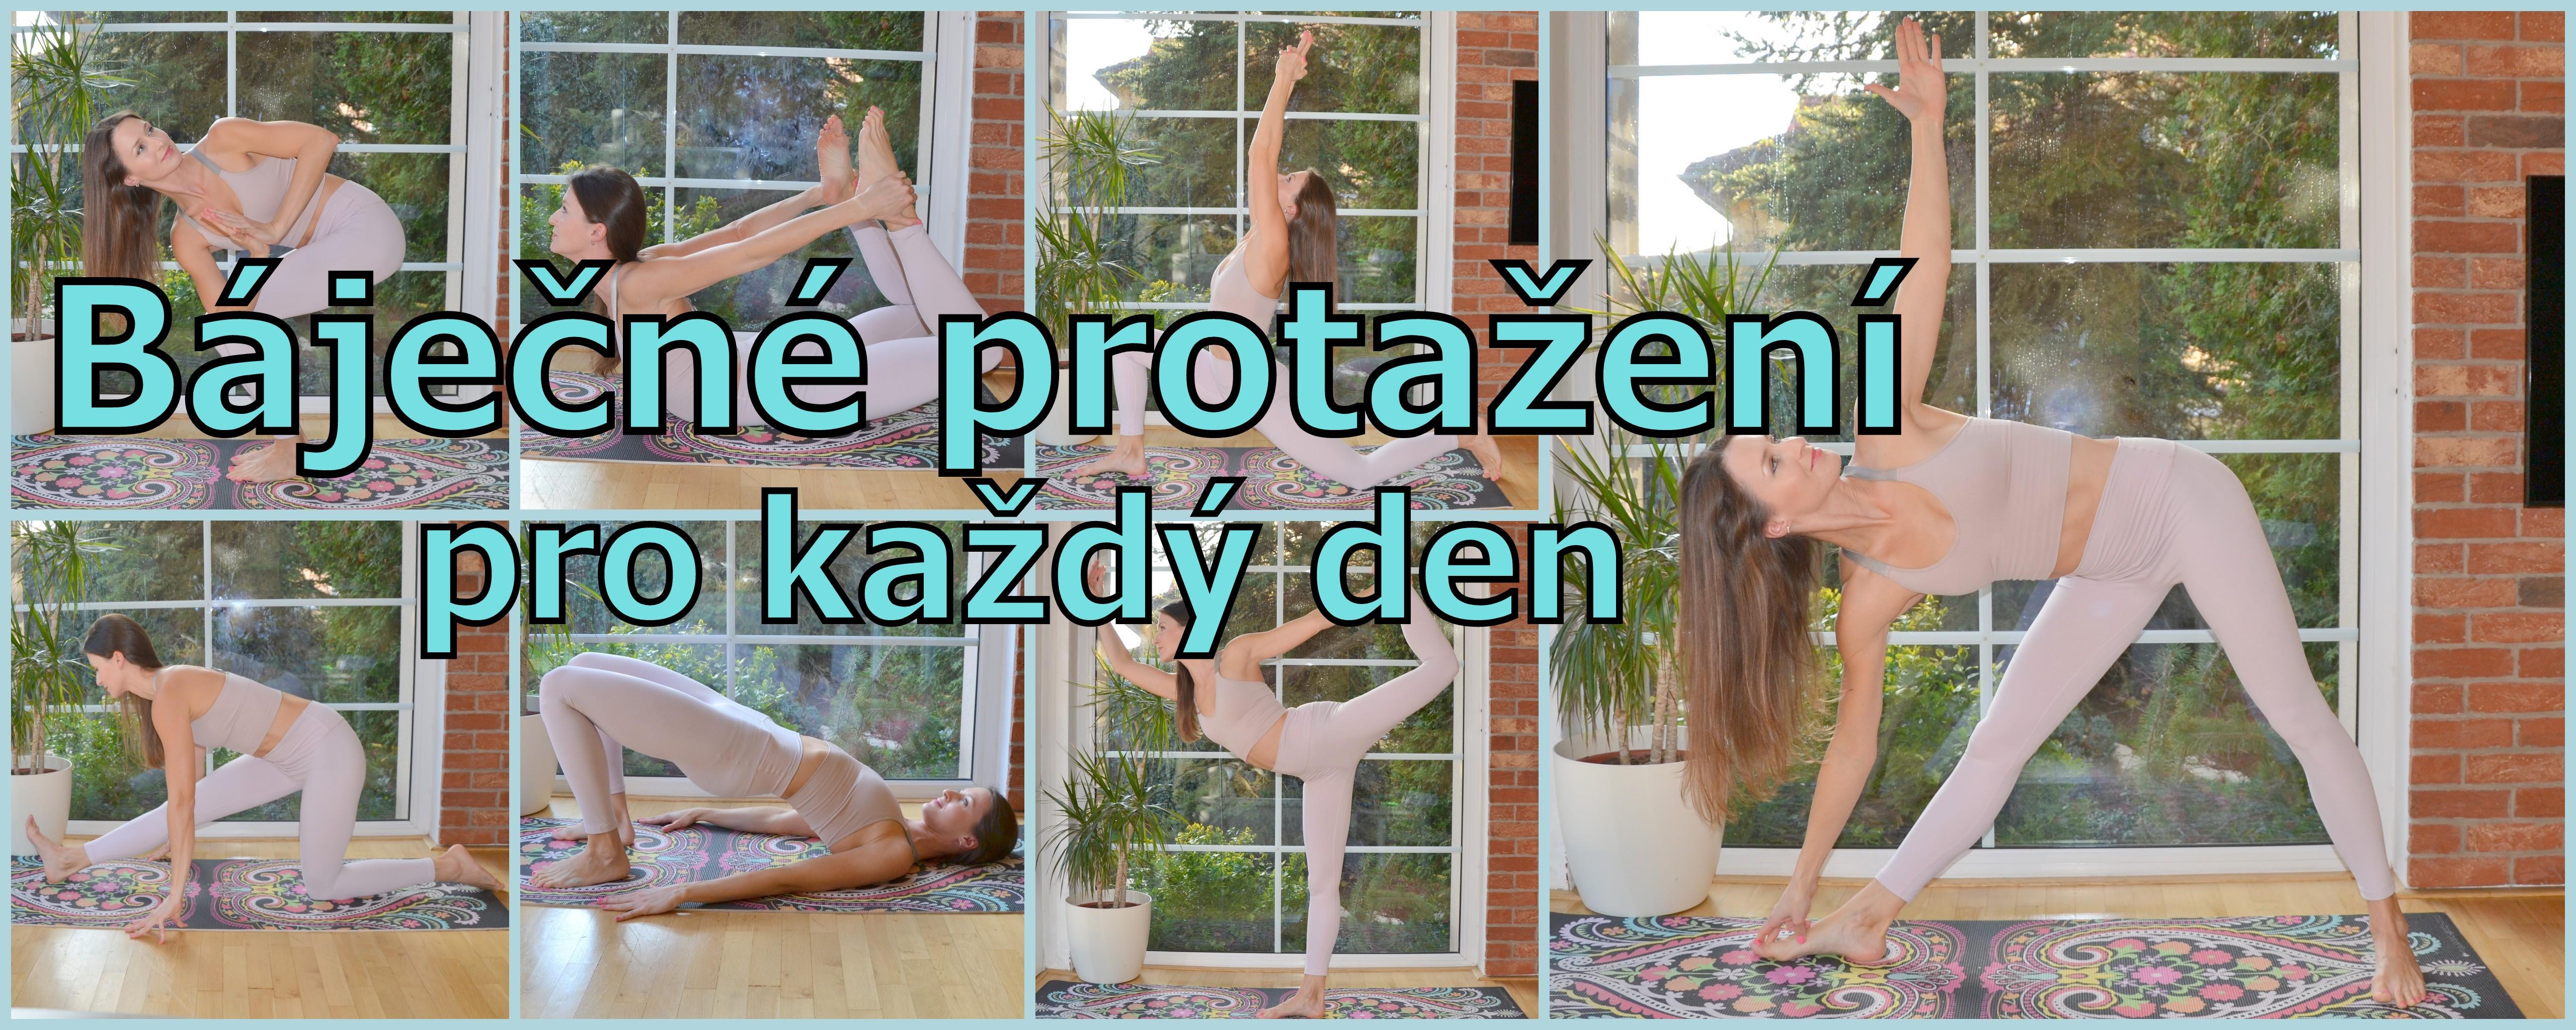 bajecne protazeni jóga